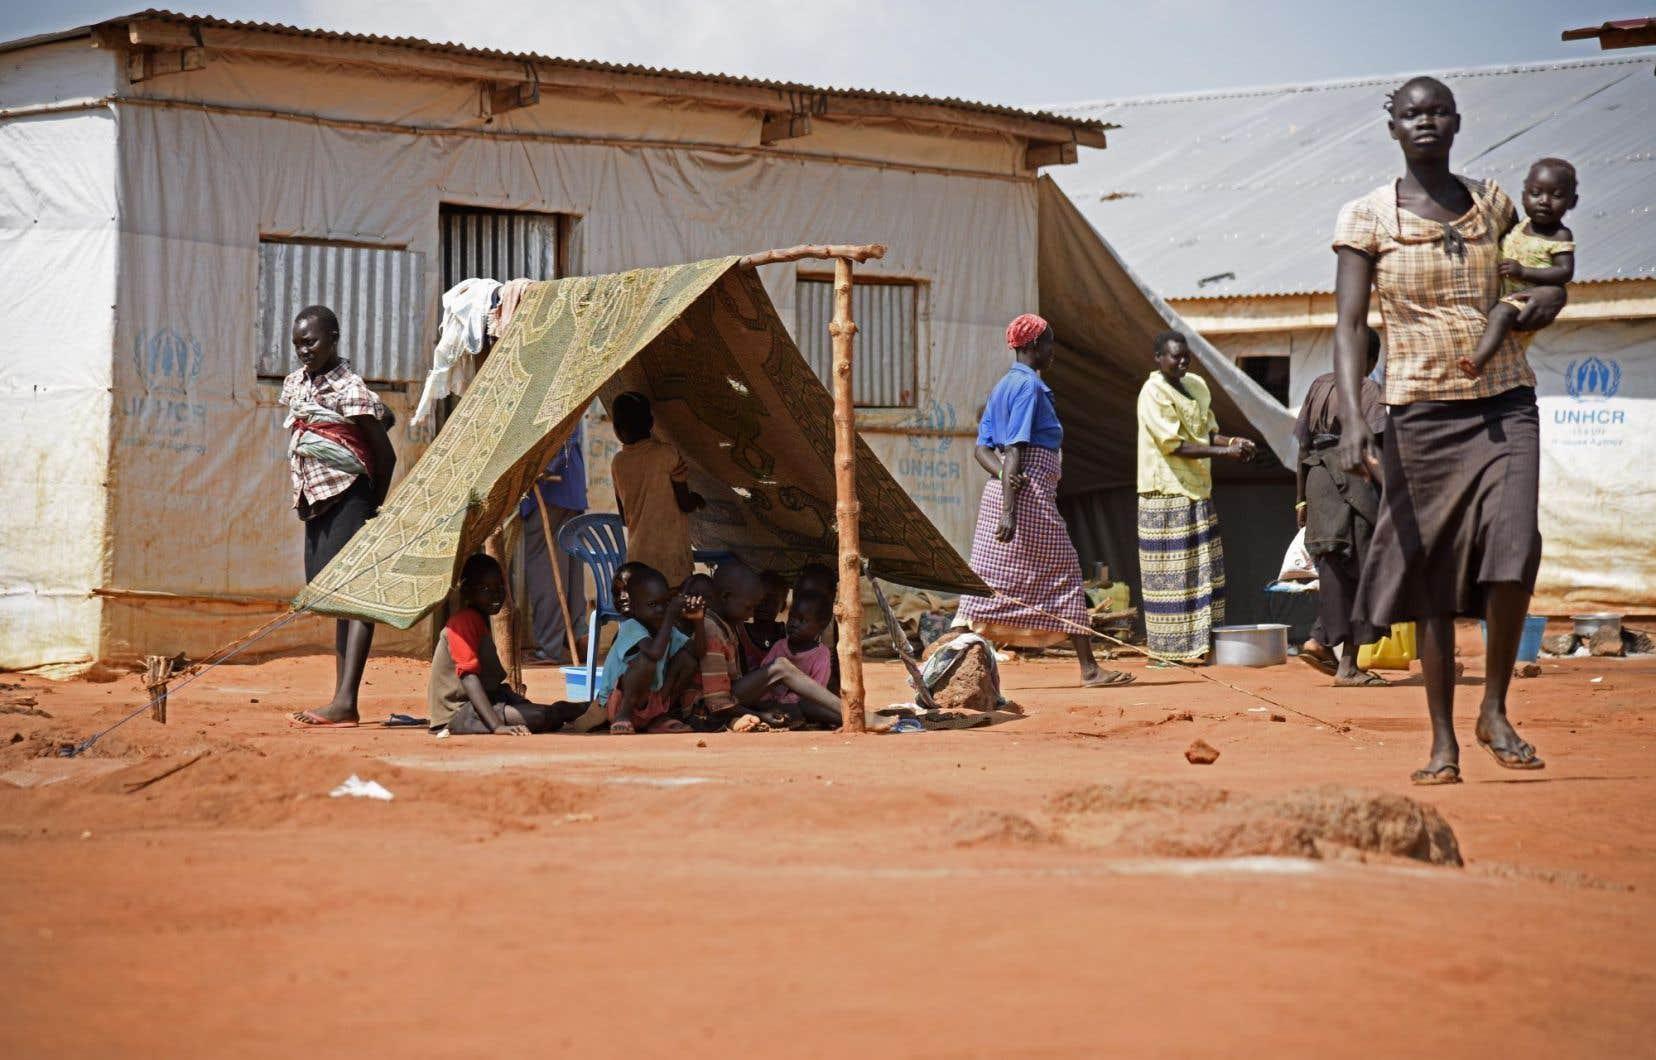 Le conflit qui fait rage au Soudan du Sud perdure depuis de nombreuses années, forçant le déplacement de milliers de réfugiés.